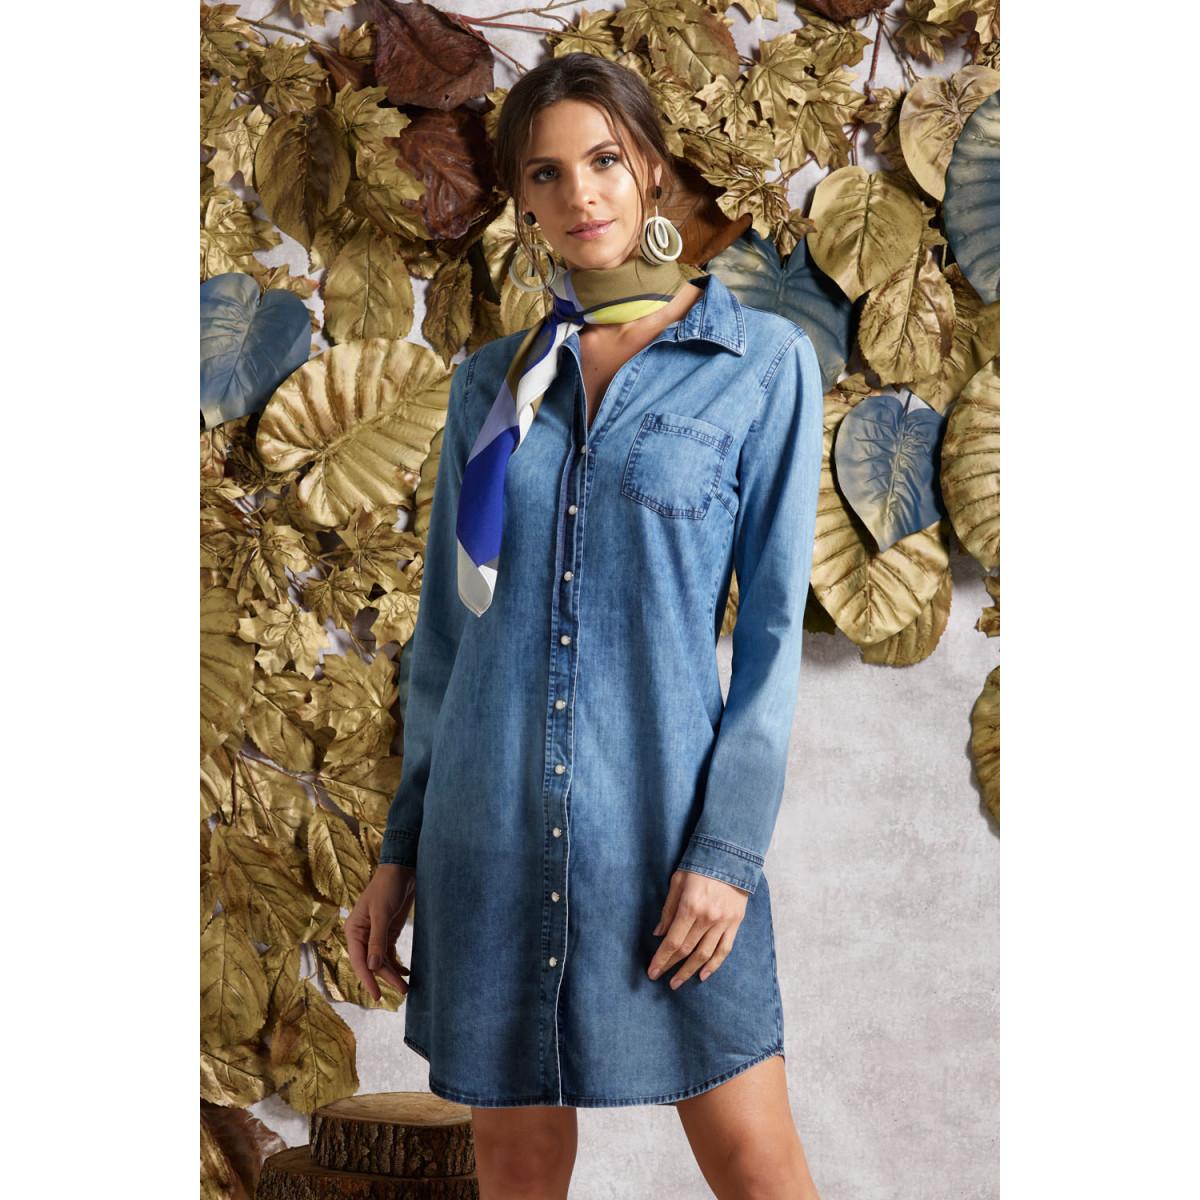 92733e502 Vestido Curto Jeans - Com botões - Manga Longa - Reserva Natural ...